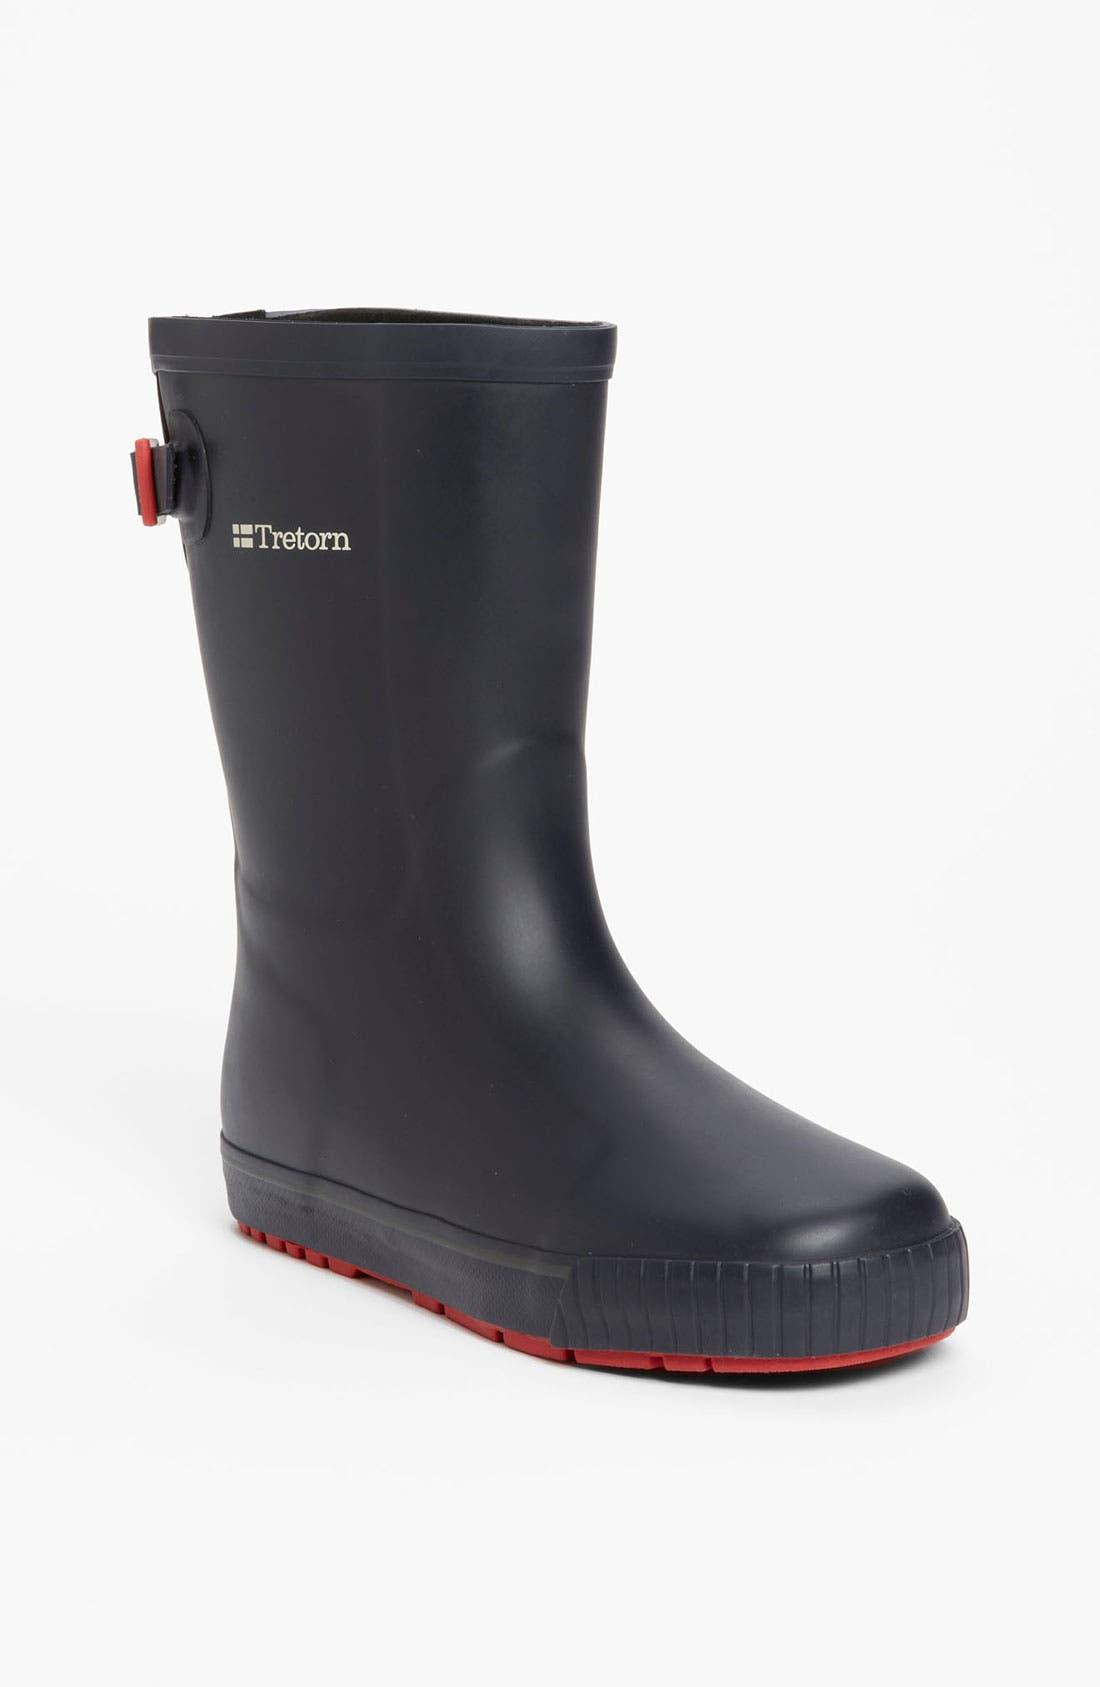 Alternate Image 1 Selected - Tretorn 'Skerry Straple' Rain Boot (Women)